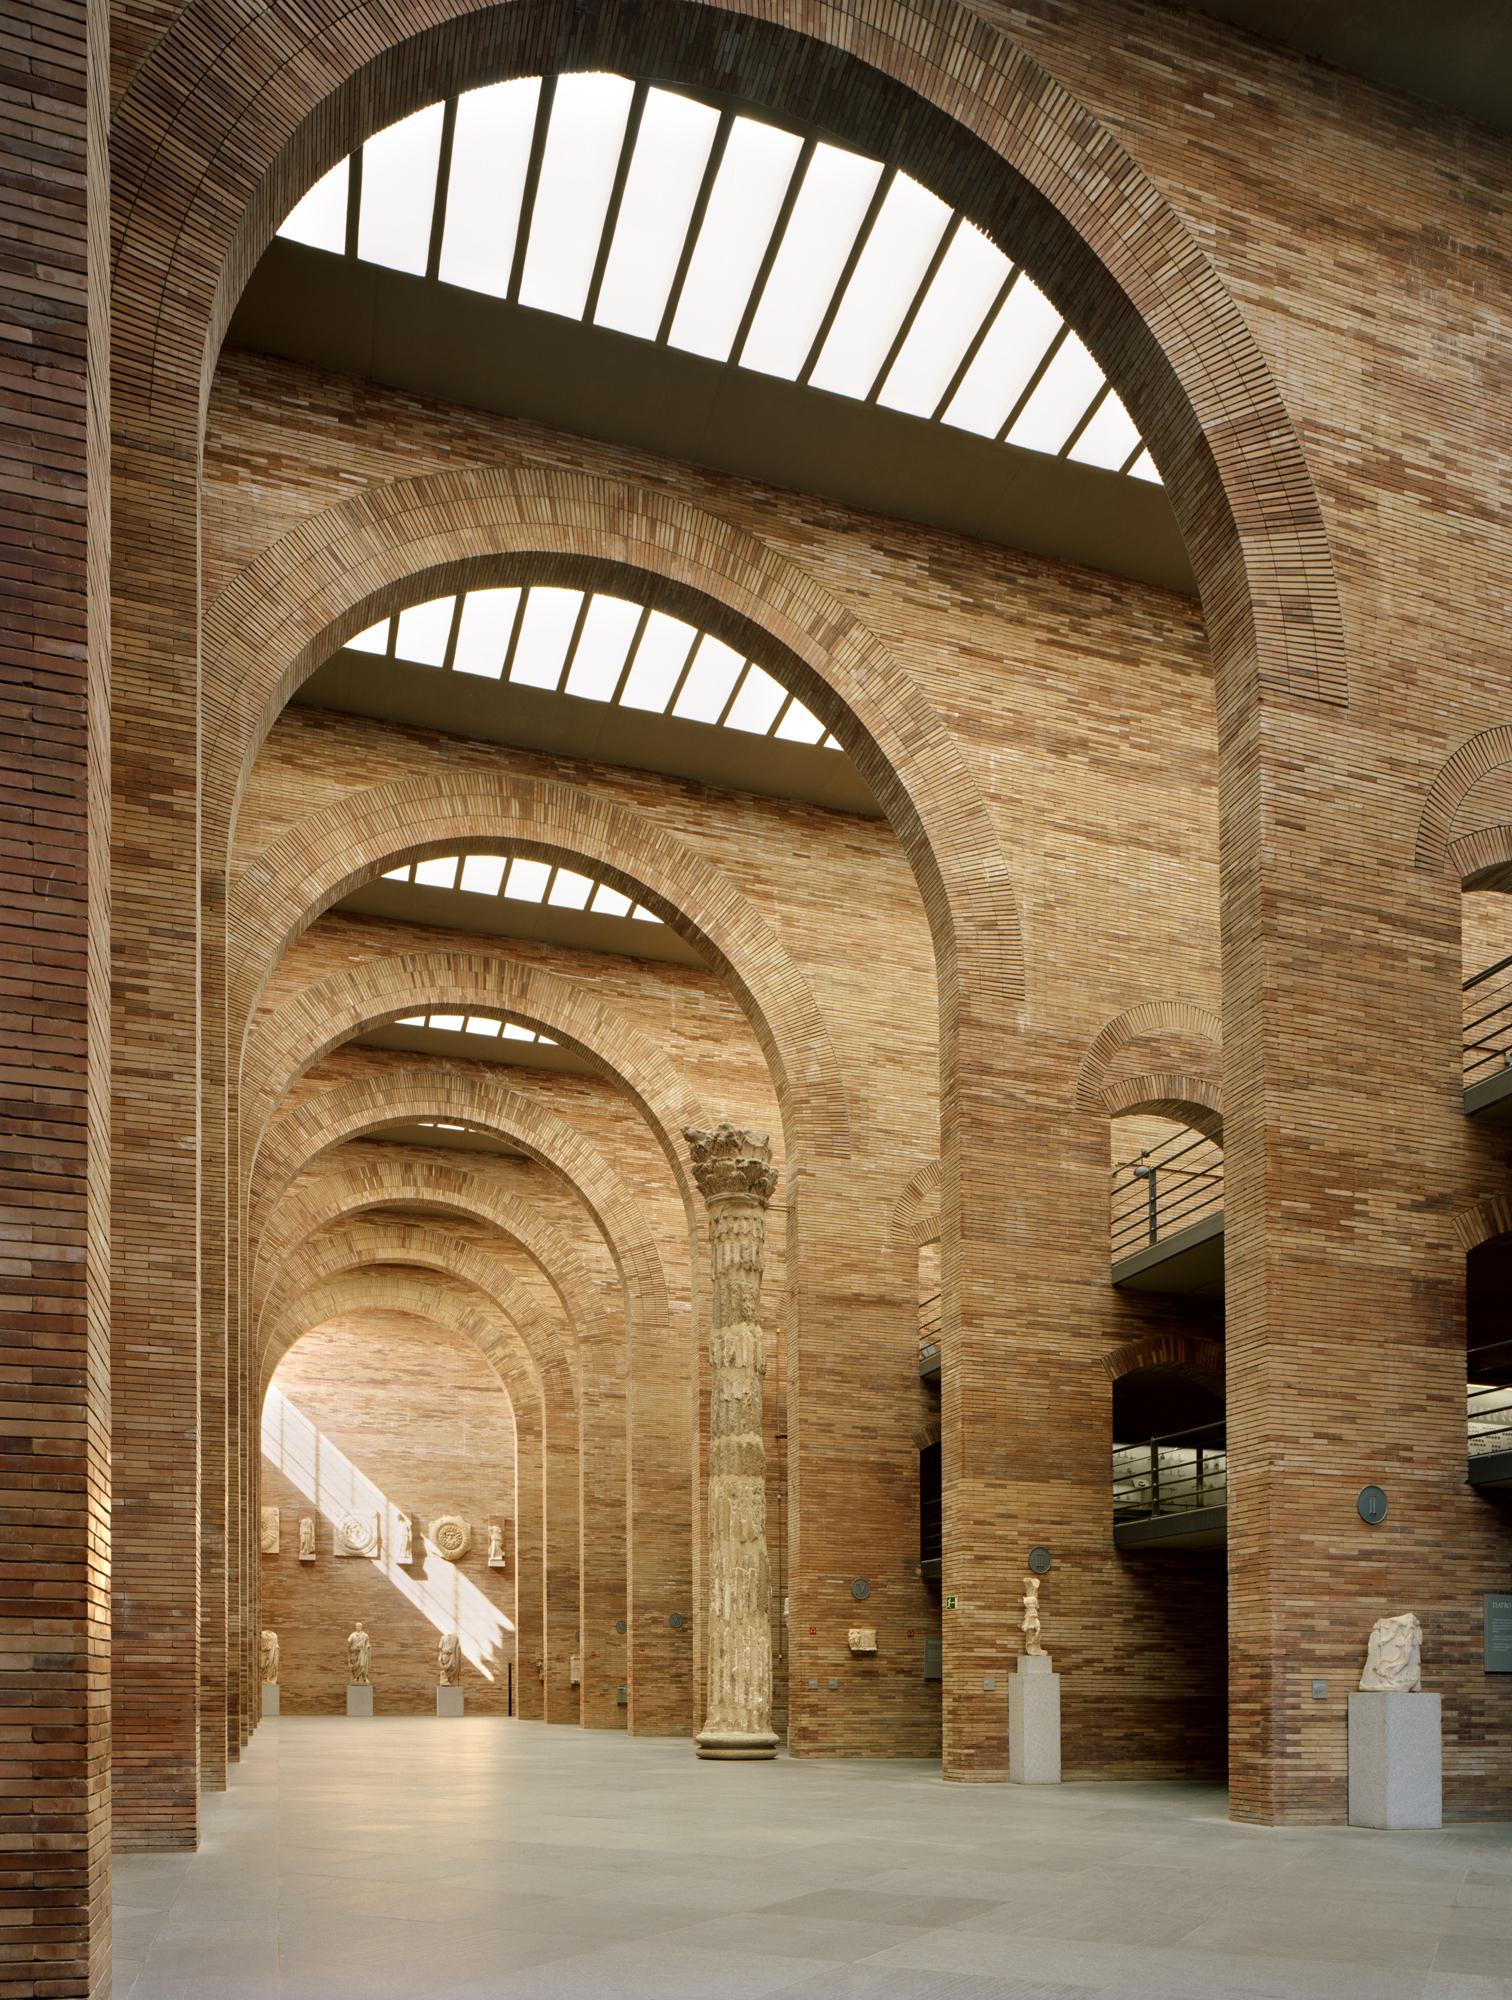 I suoi edifici dialogano con l'identità del luogo, l'amplificano e la interpretano sia che si tratti di grandi interventi